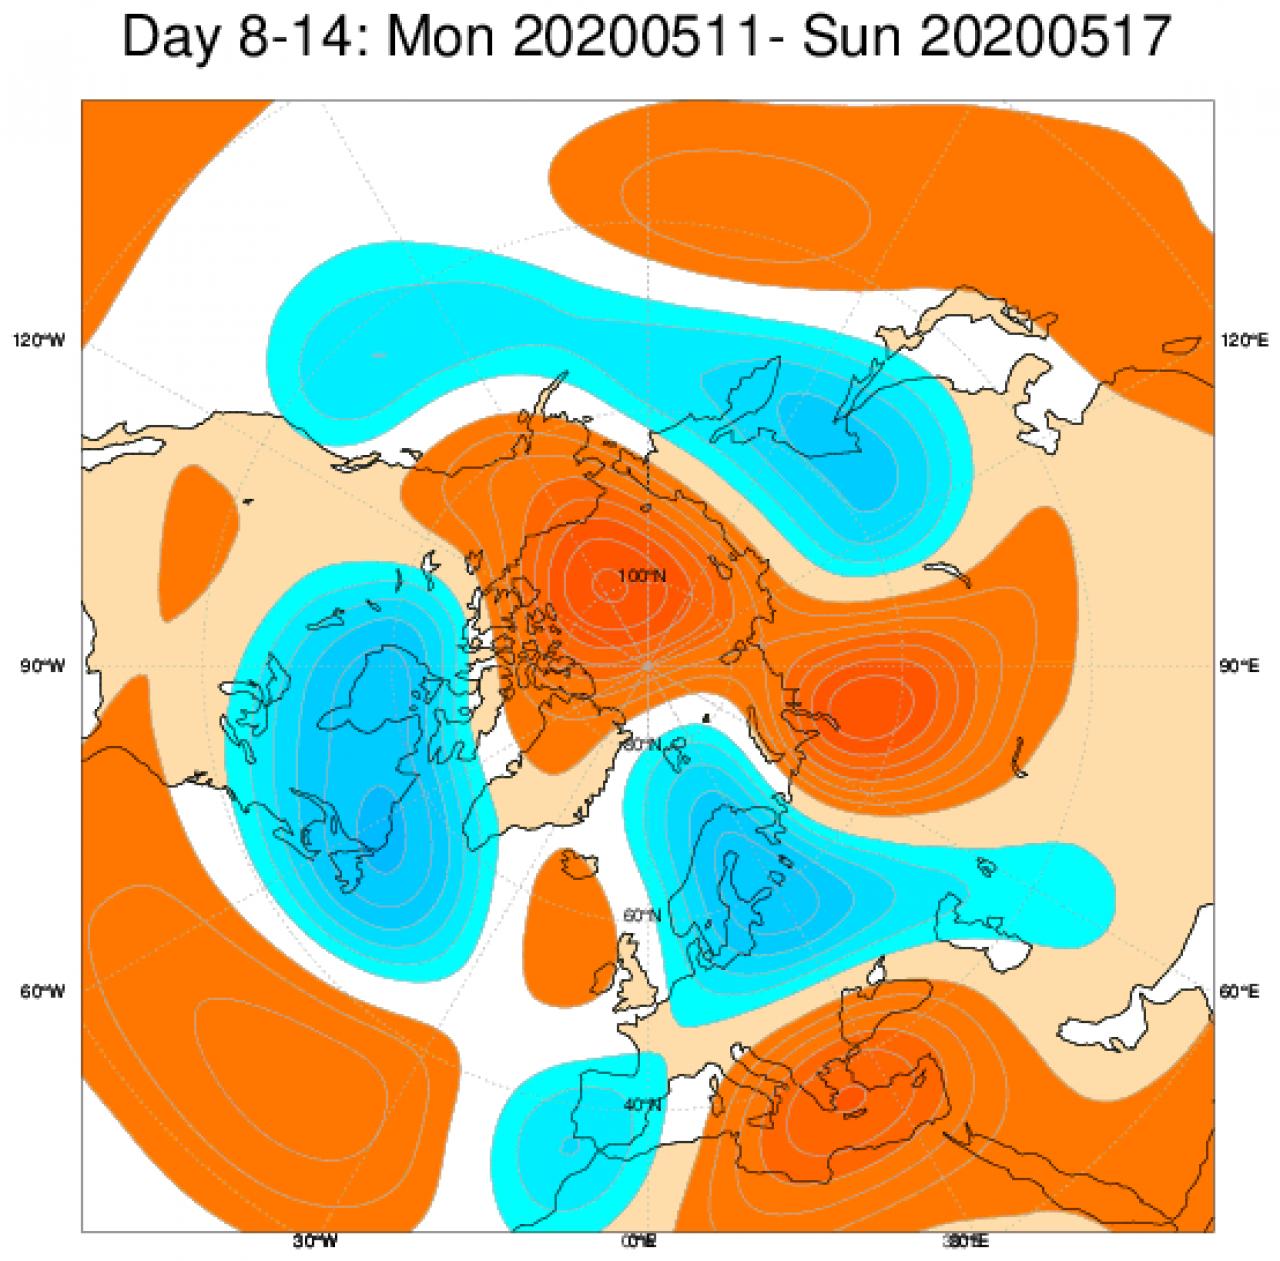 Media di ensemble del modello inglese ECMWF relativa all'anomalia di Altezza di Geopotenziale a 500 hPa (circa 5.500 metri) per il periodo 11-17 maggio 2020